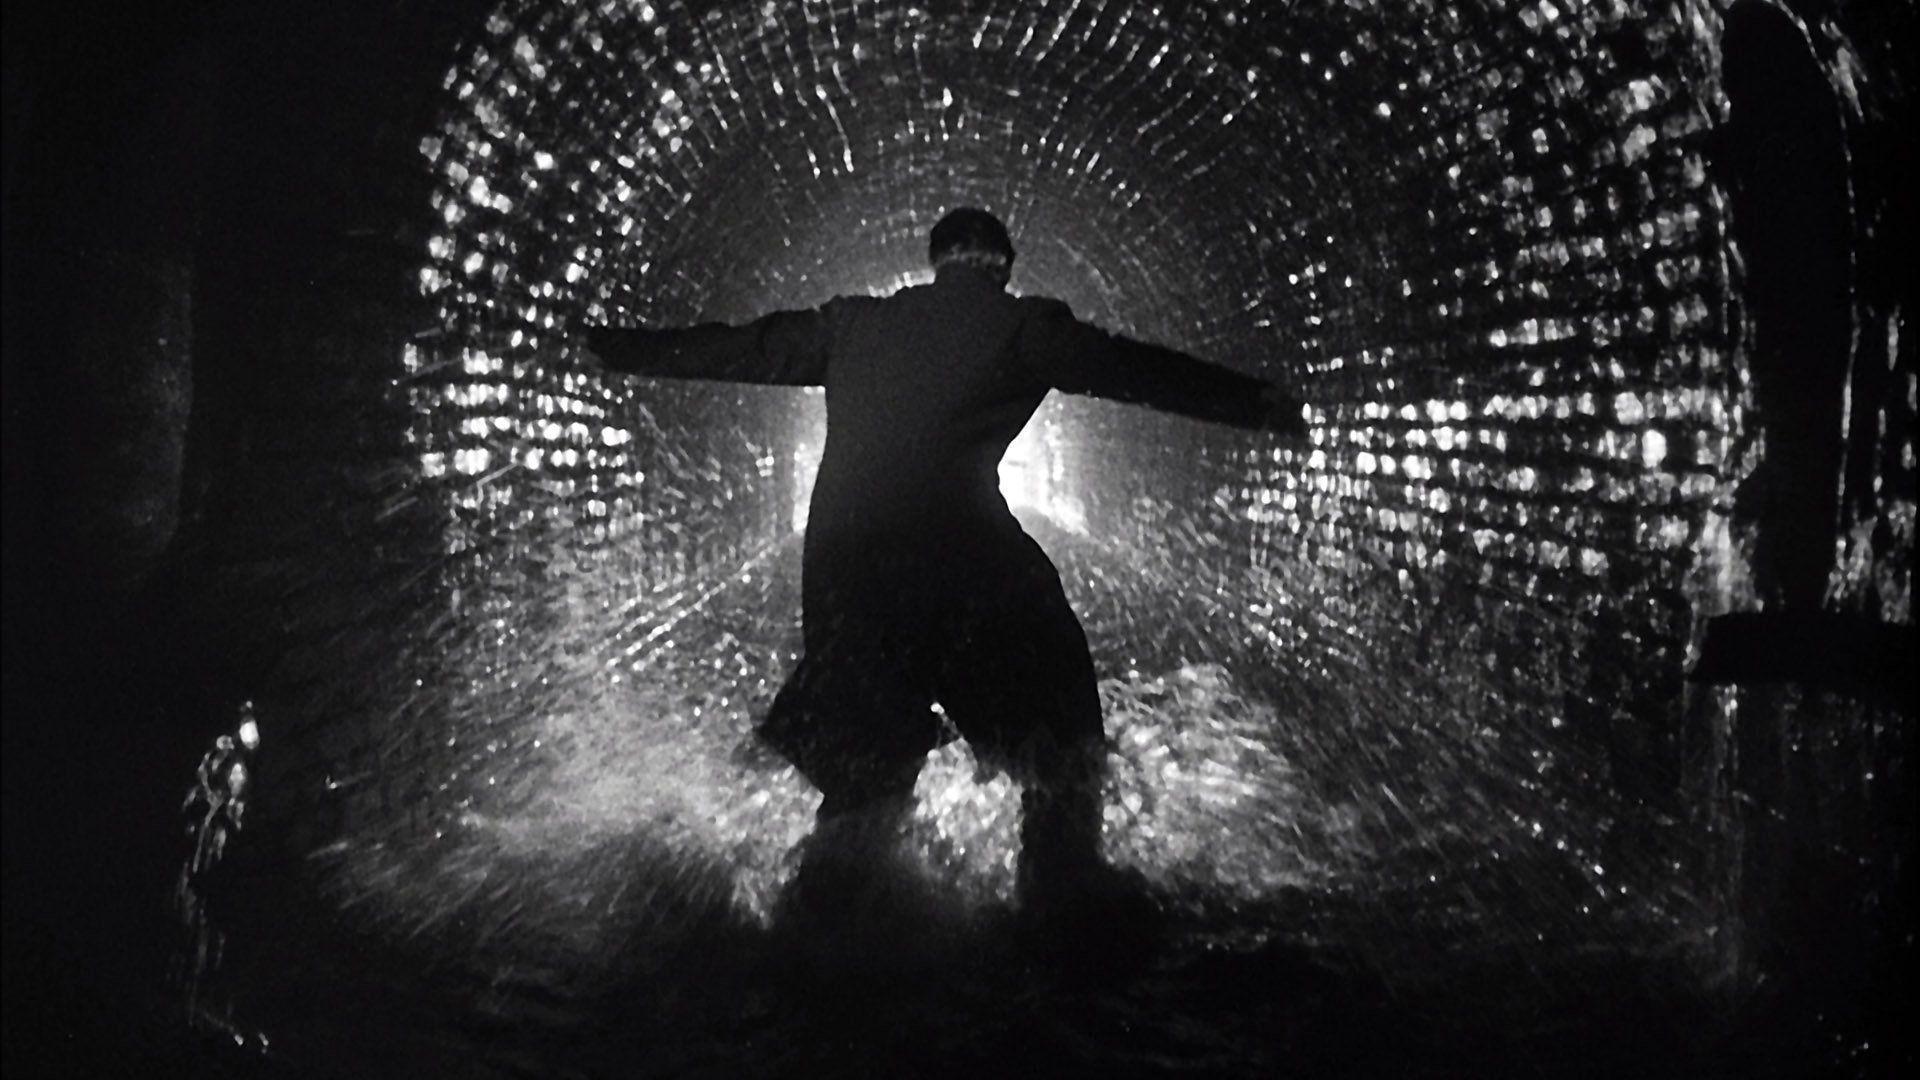 Film Noir Wallpapers 1920x1080